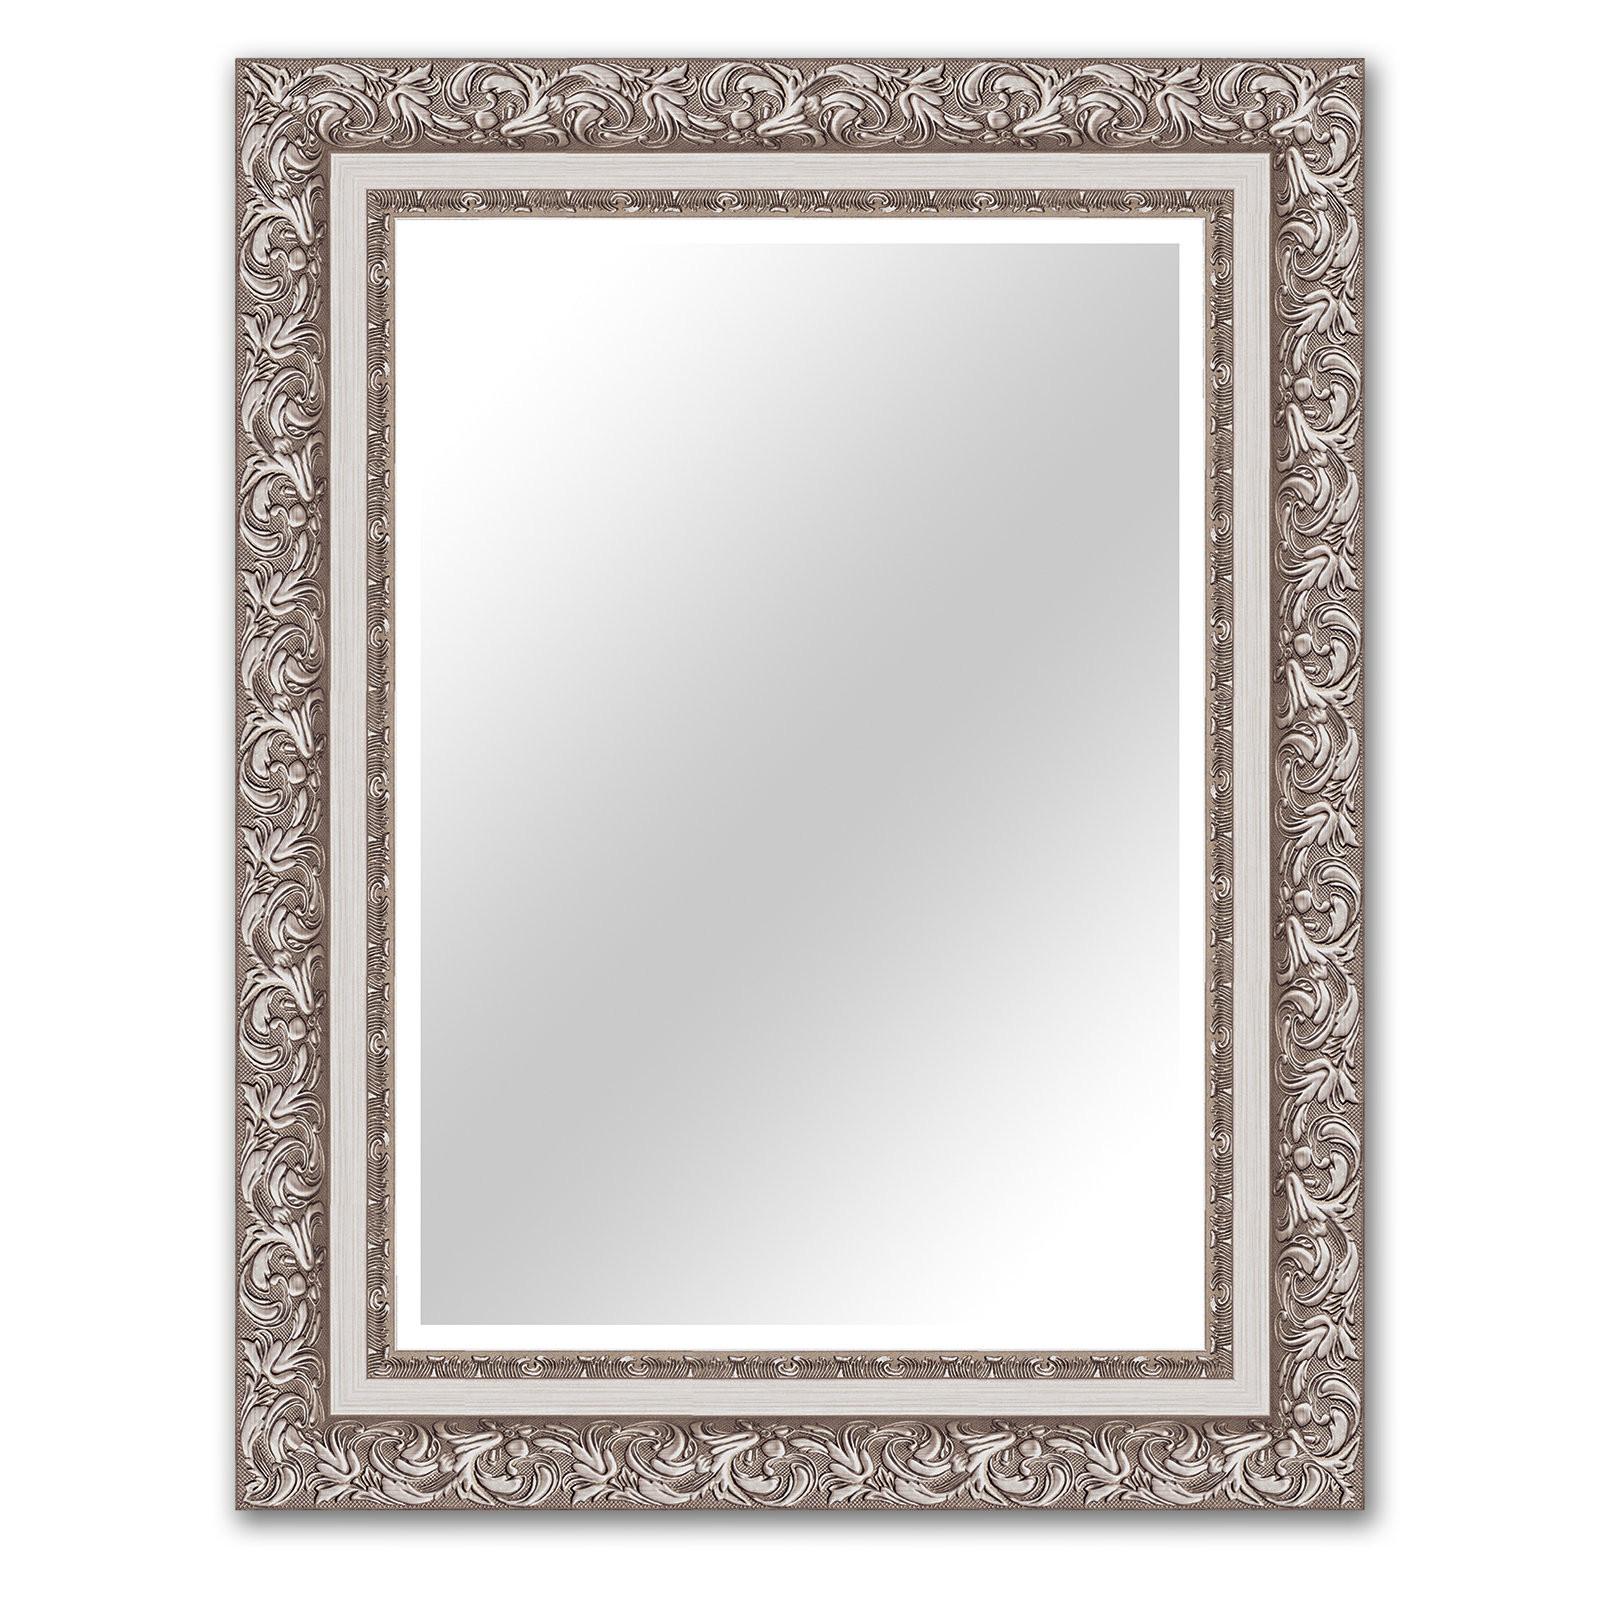 Spiegel Kaufen  Grosse Spiegel Günstig Wohnkultur Spiegel Wandspiegel